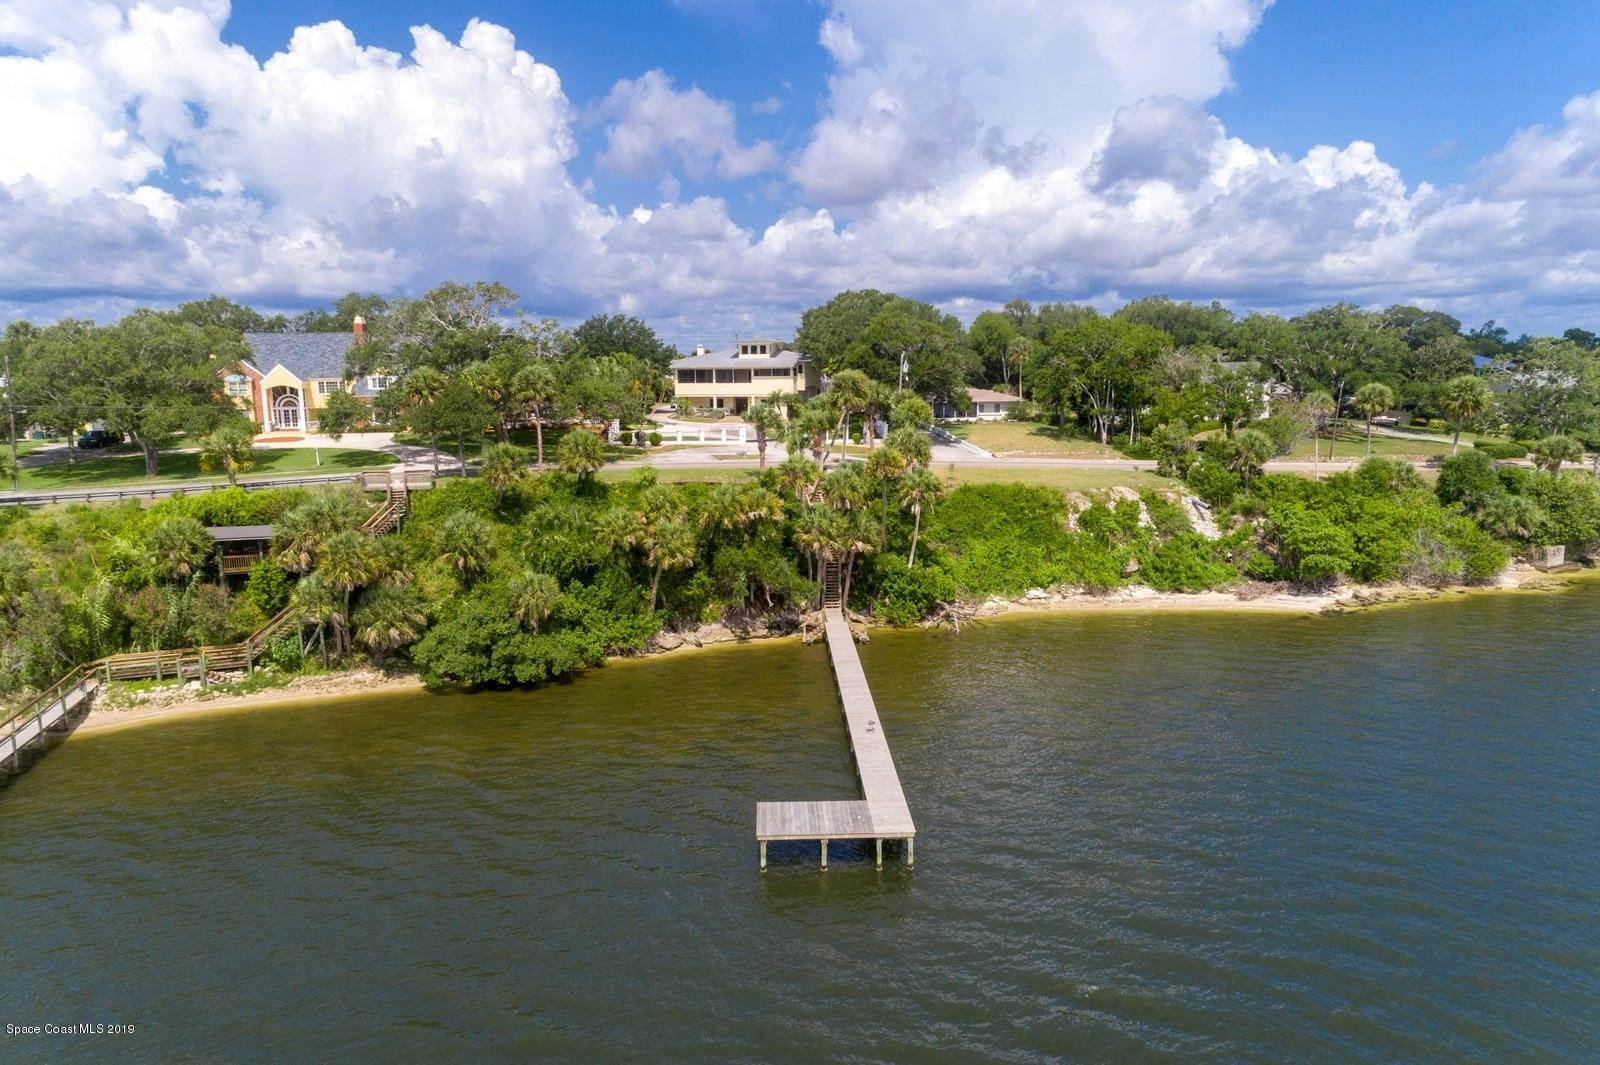 865 North Indian River Drive, Cocoa, FL 32922